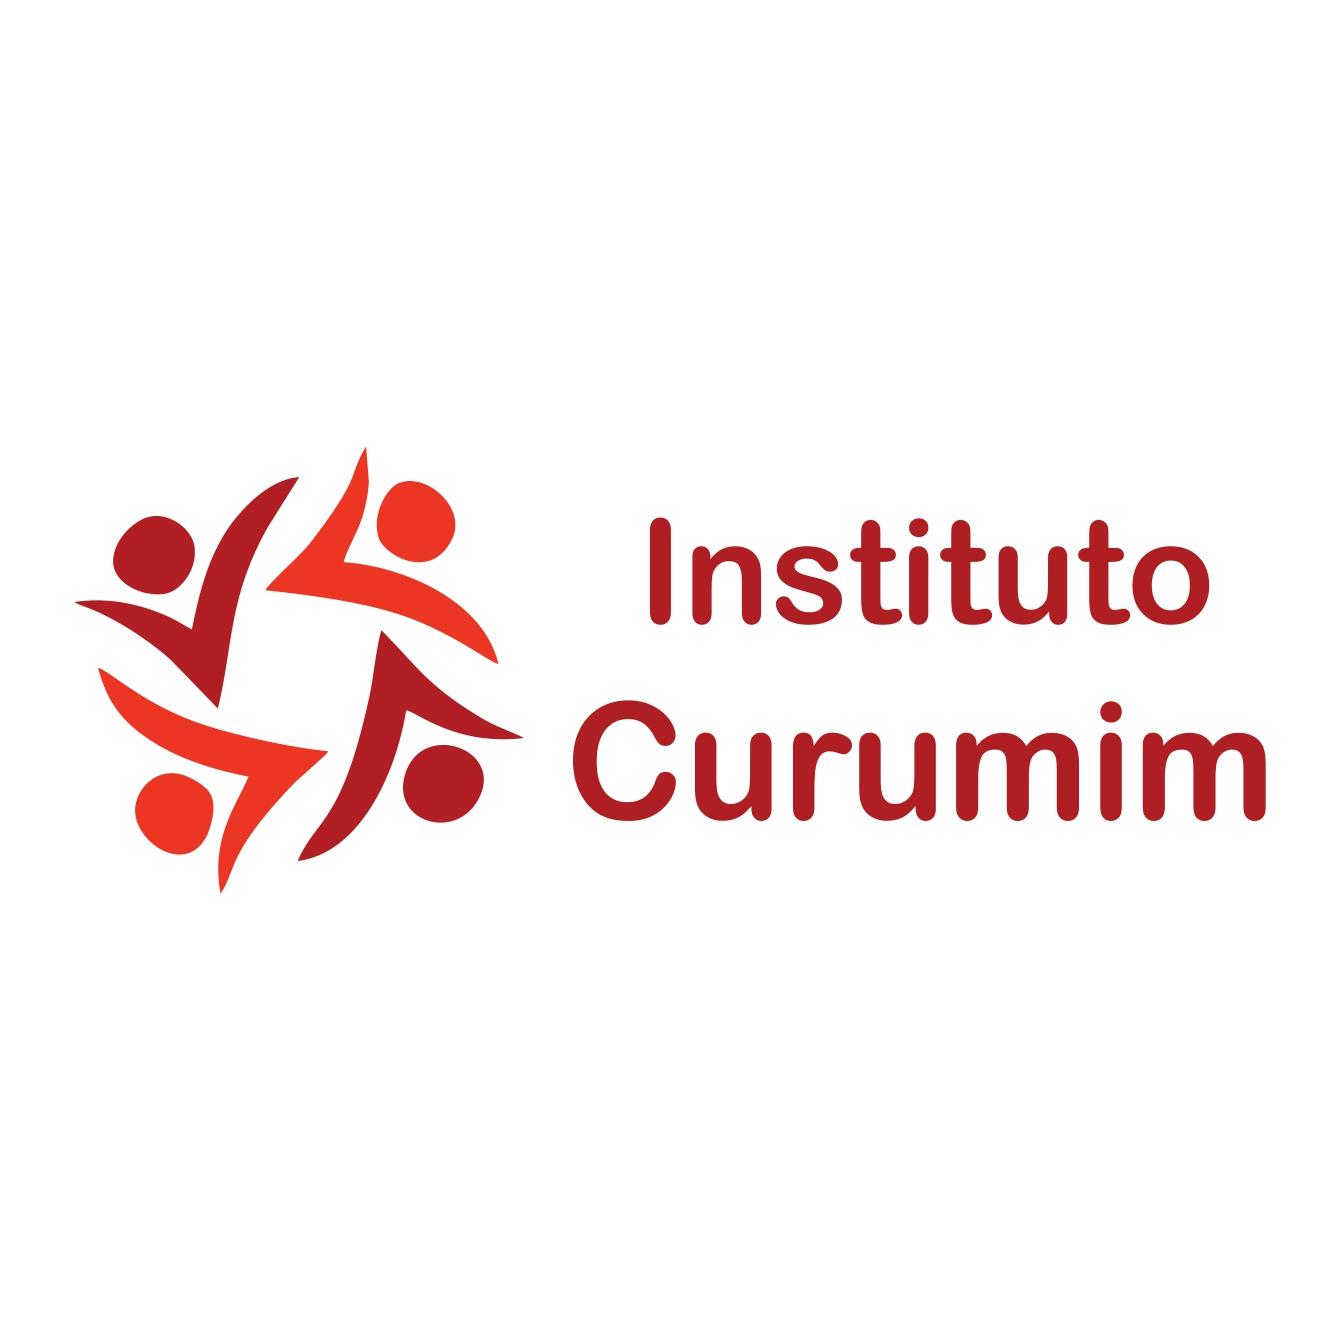 INSTITUTO CURUMIM